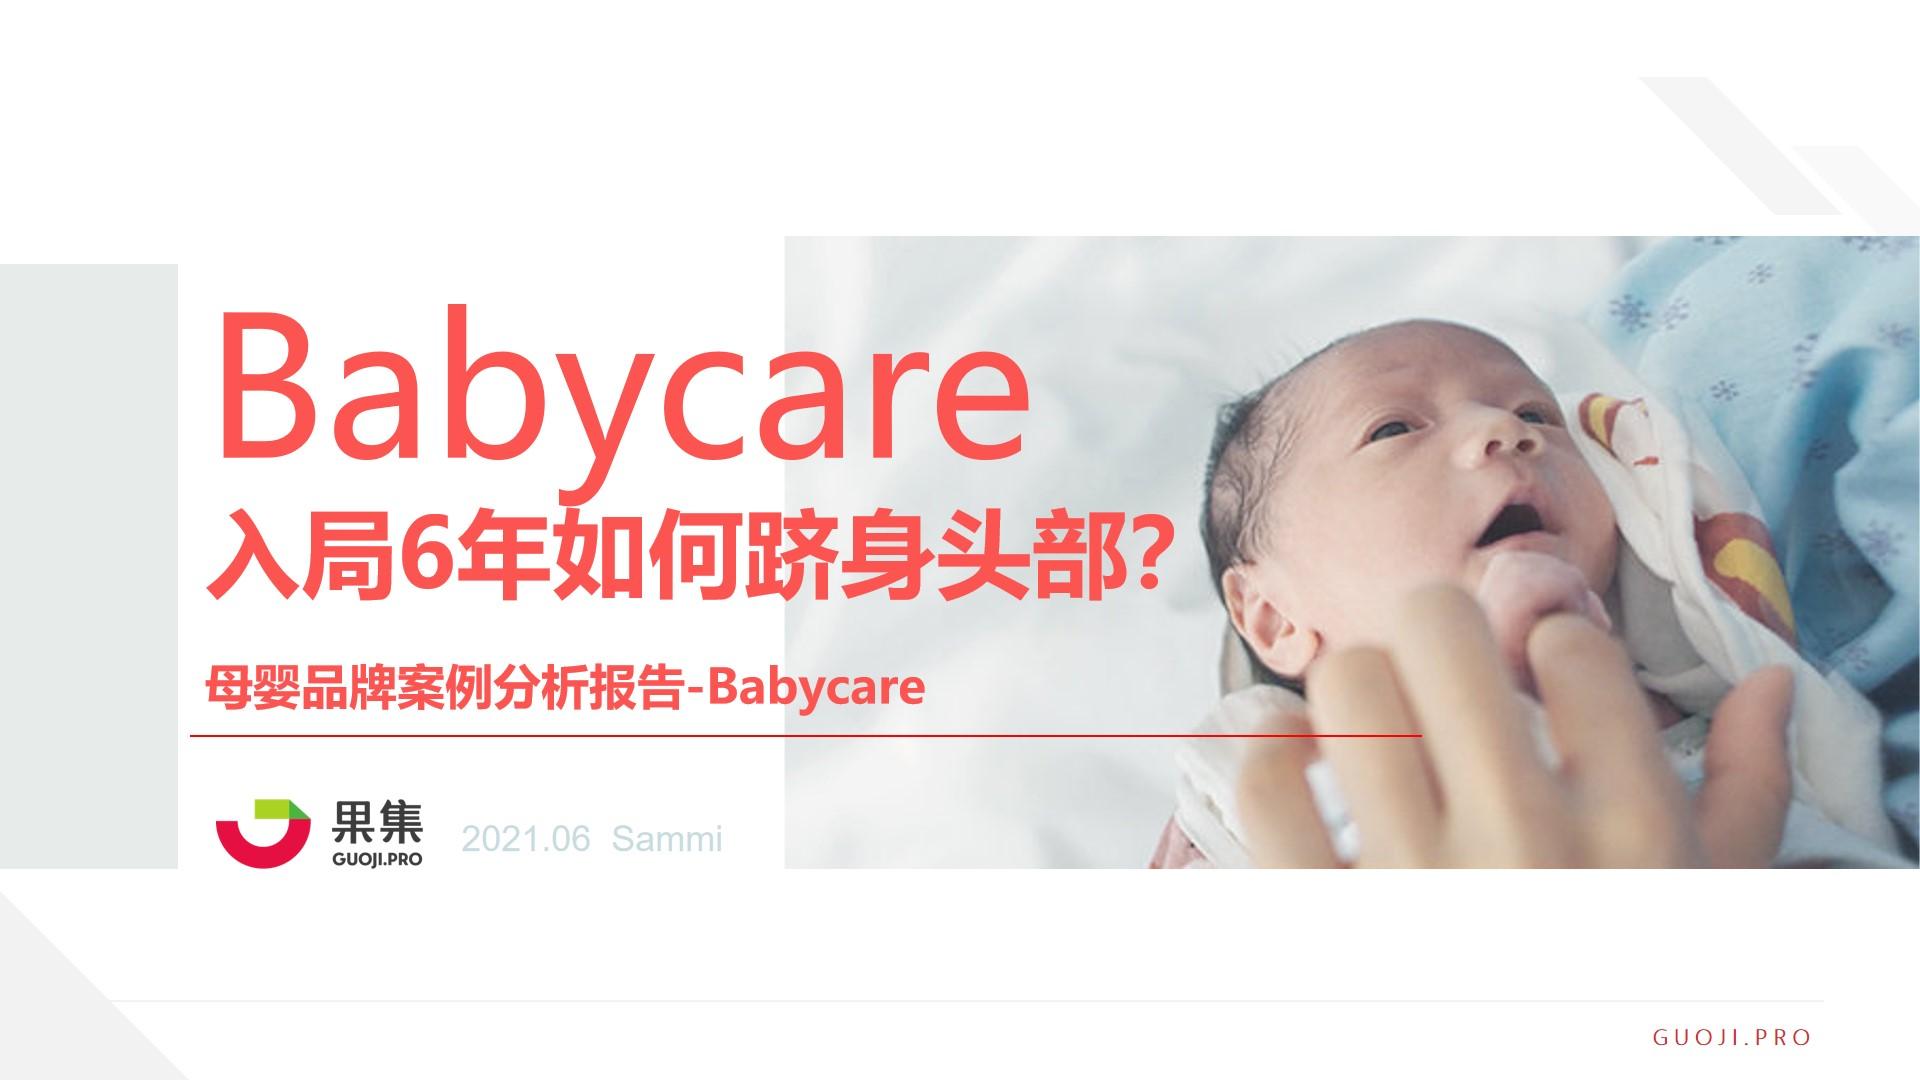 Babycare入局6年如何跻身头部?